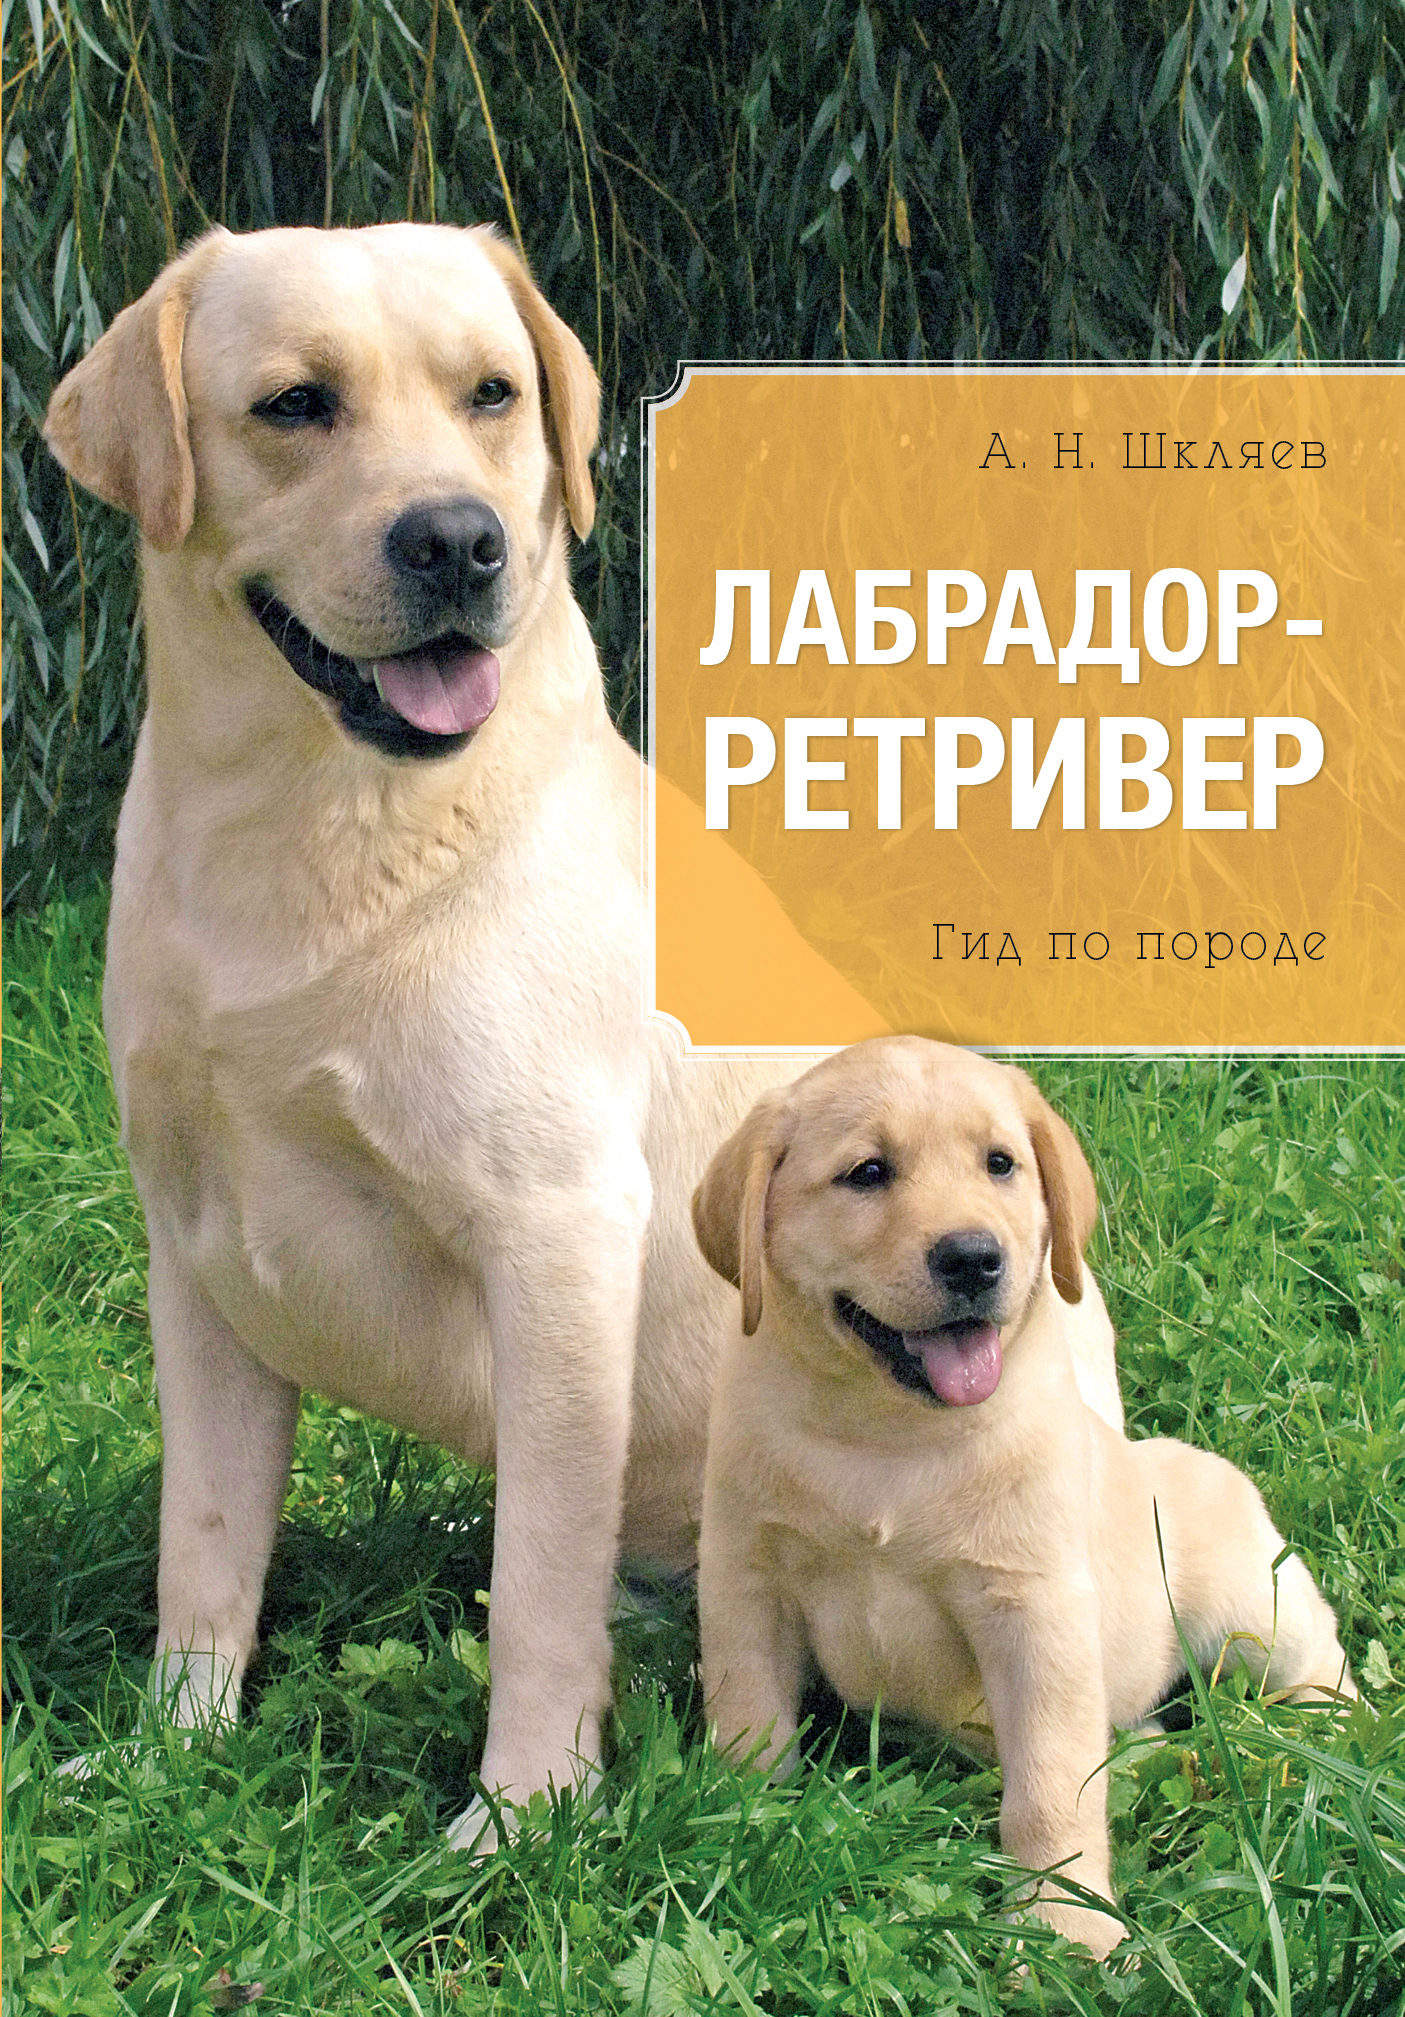 Лабрадор. Ретривер от book24.ru